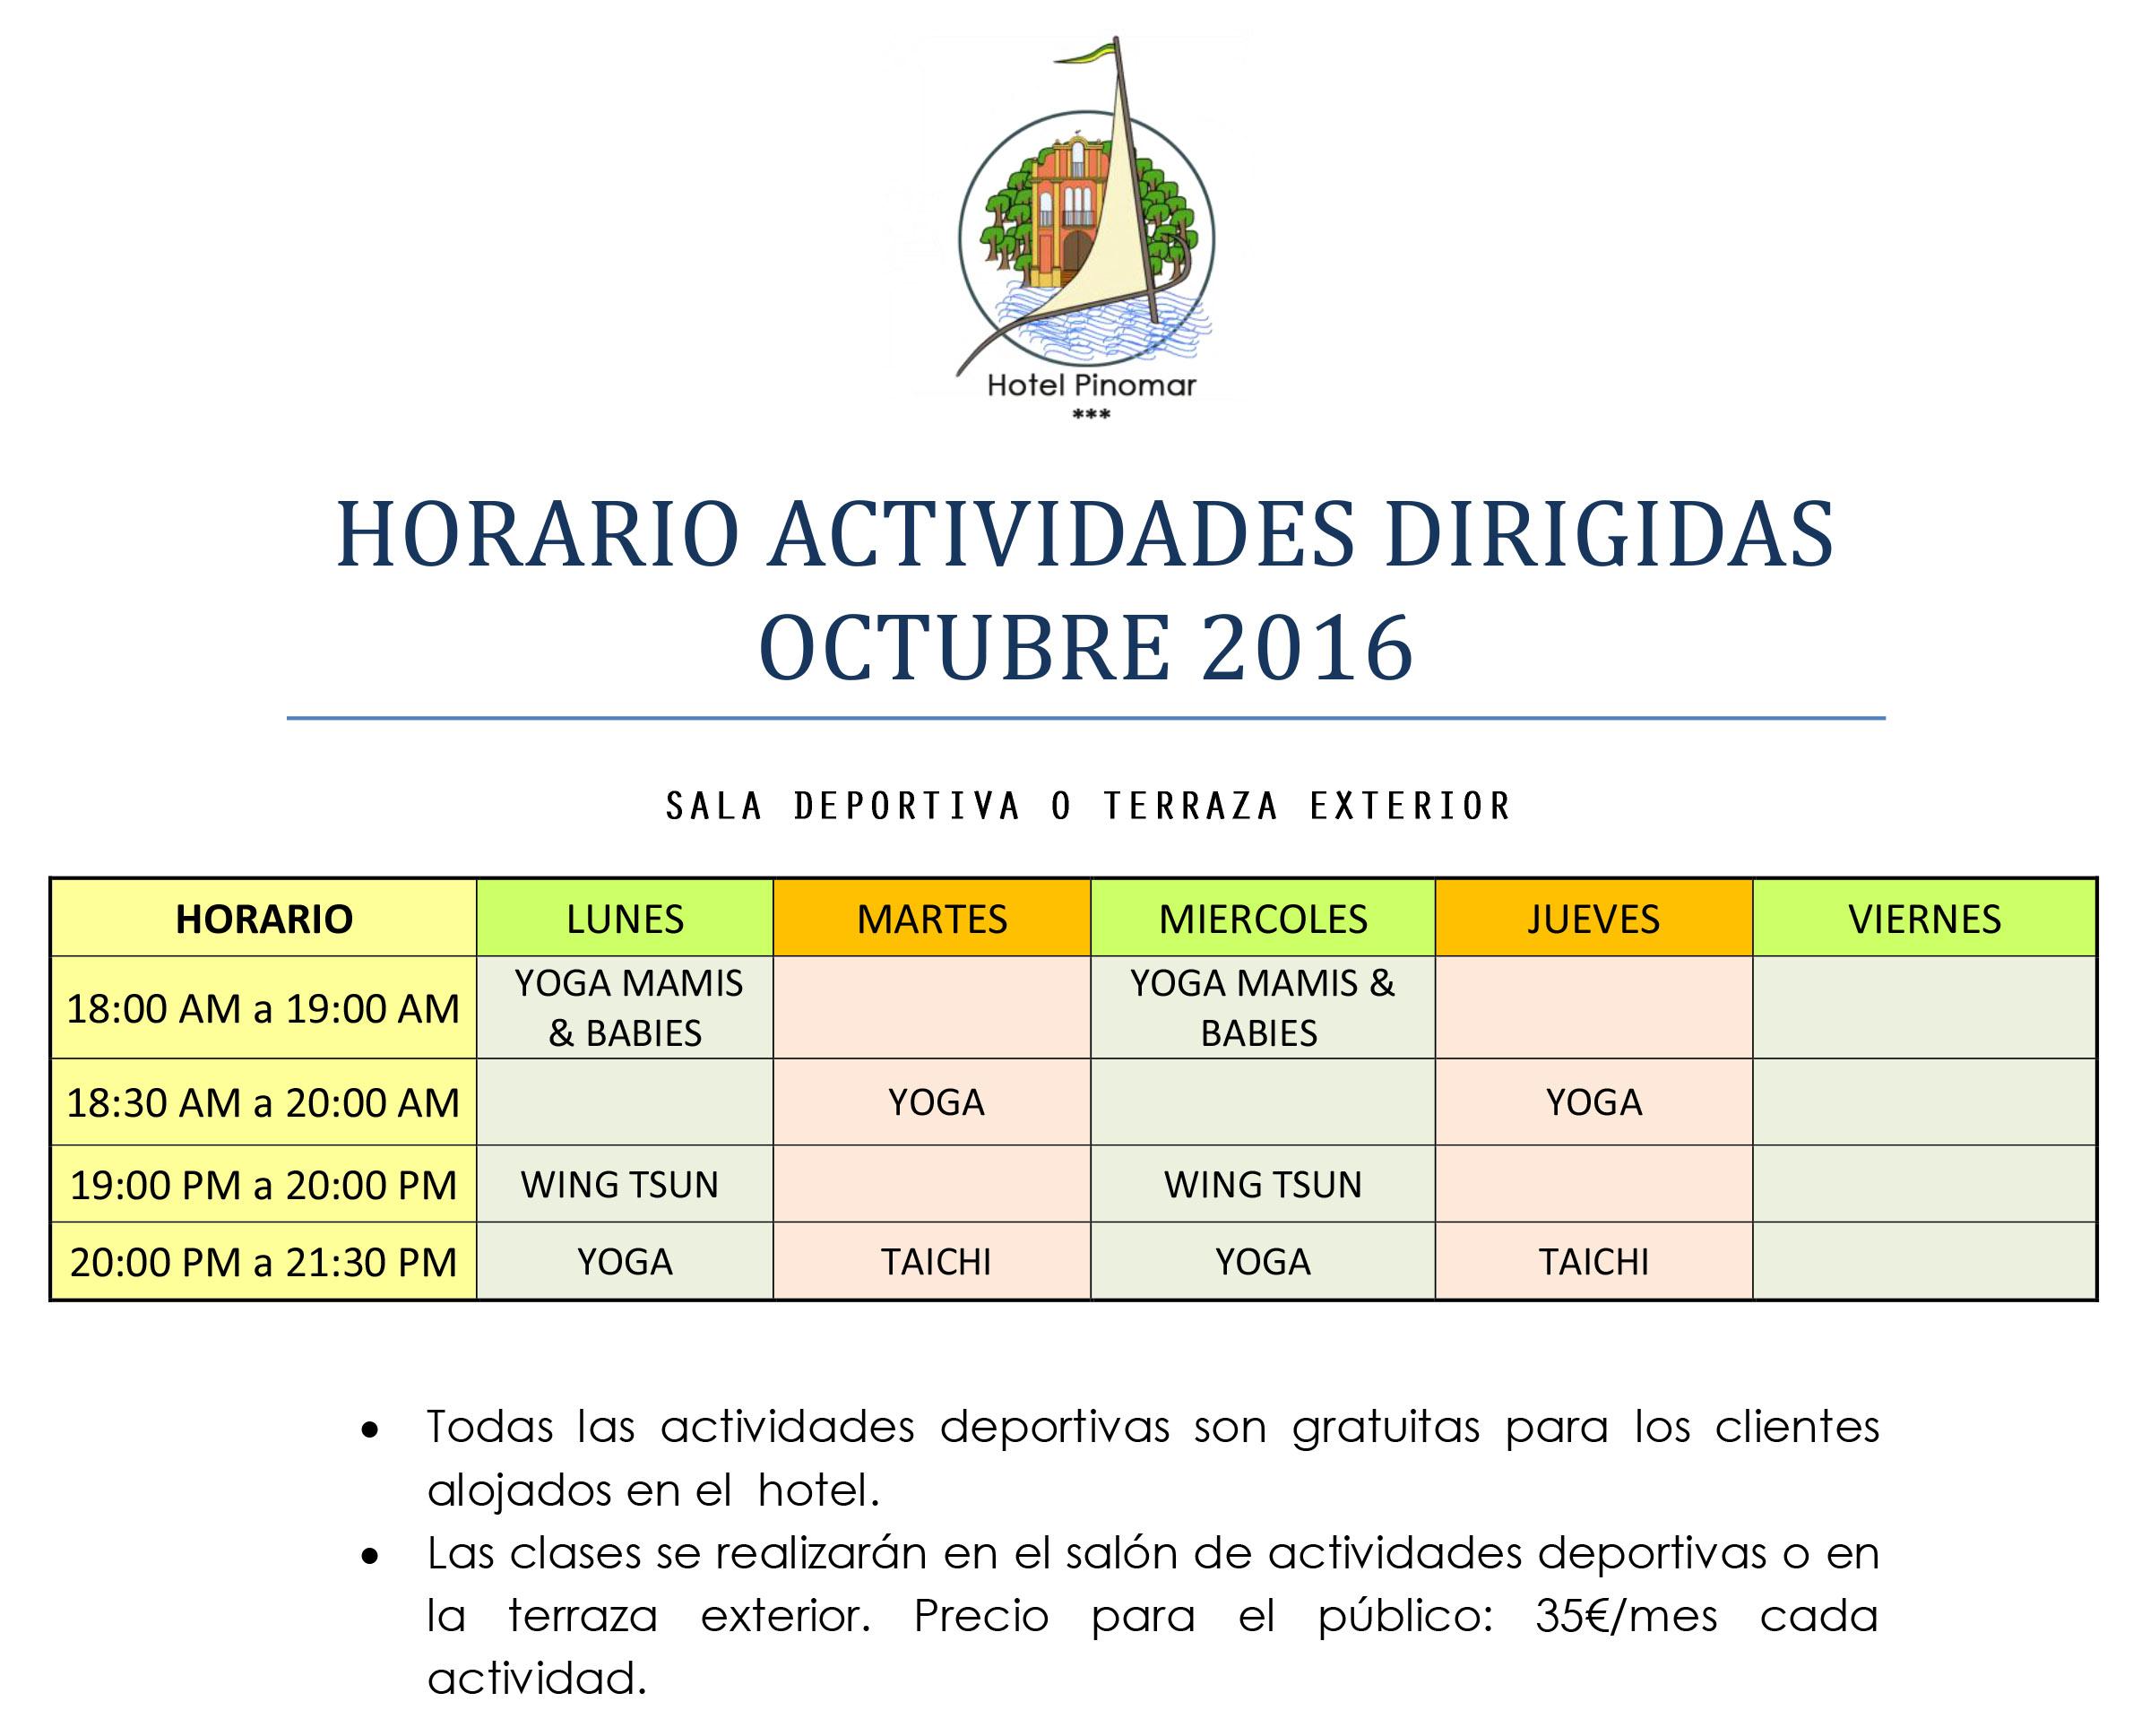 horario-actividades-dirigidas-octubre-2016